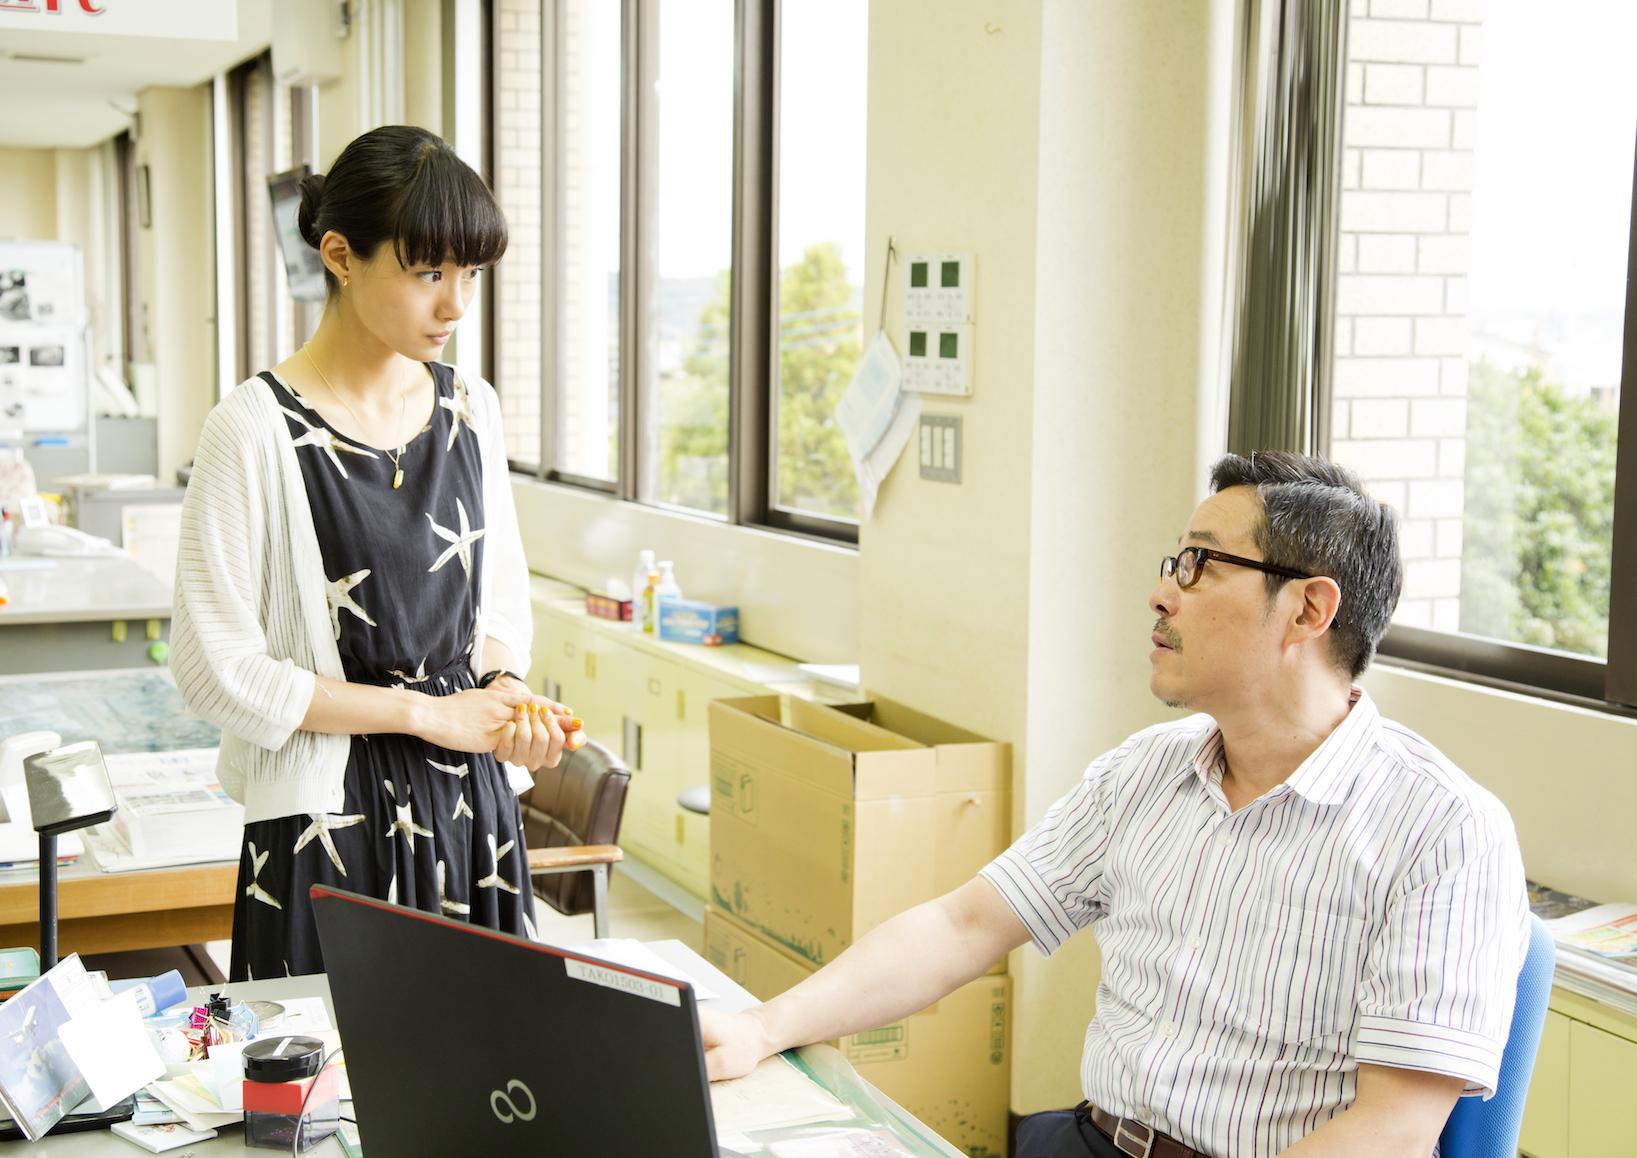 忽那汐里演じる十和田ミチル(左) (C)2017 Hit-Point/『映画ねこあつめ』製作委員会